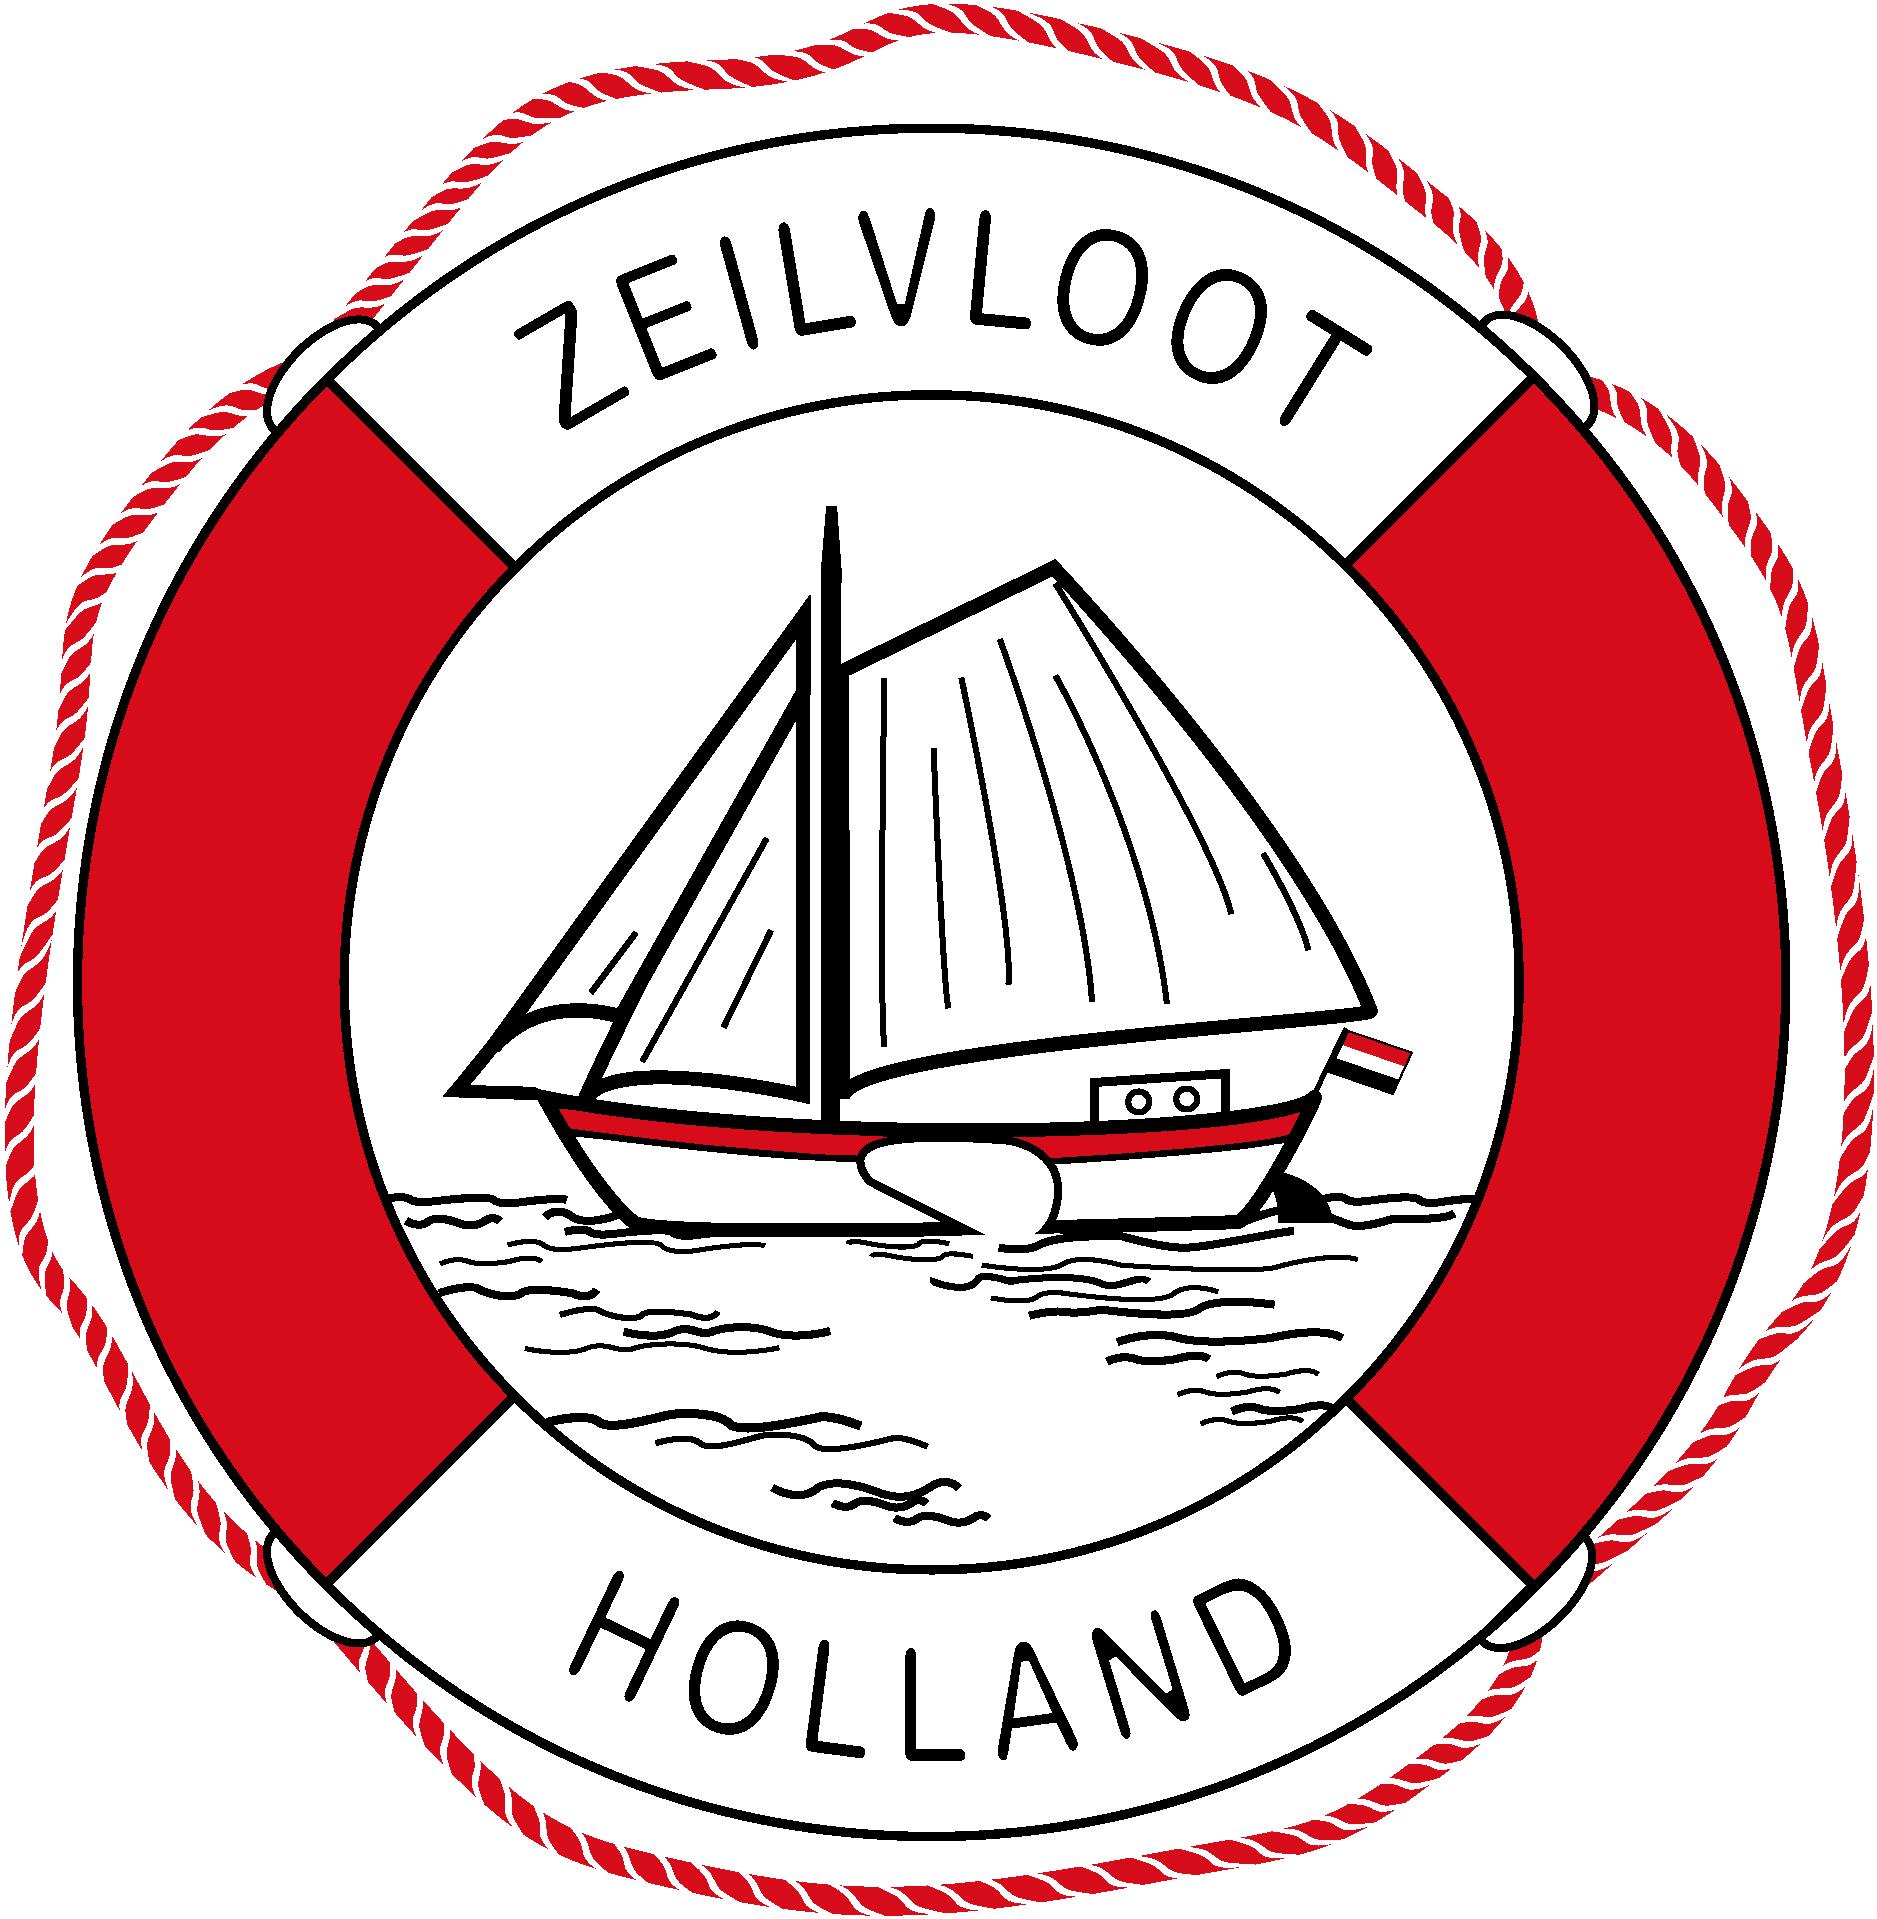 Zeilvloot Holland